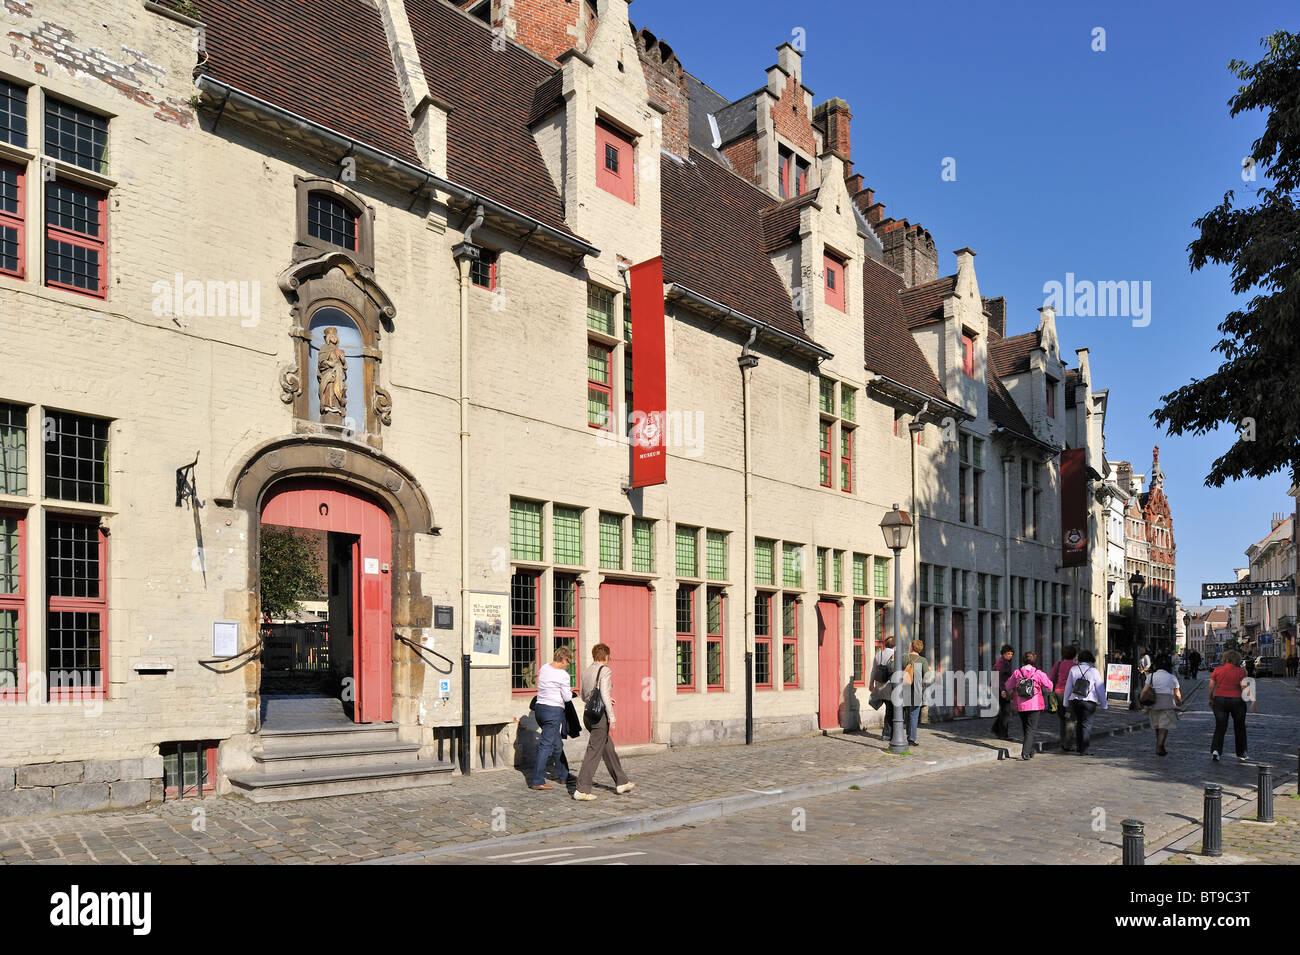 Das haus von alijn huis van alijn in gent belgien stockfoto bild